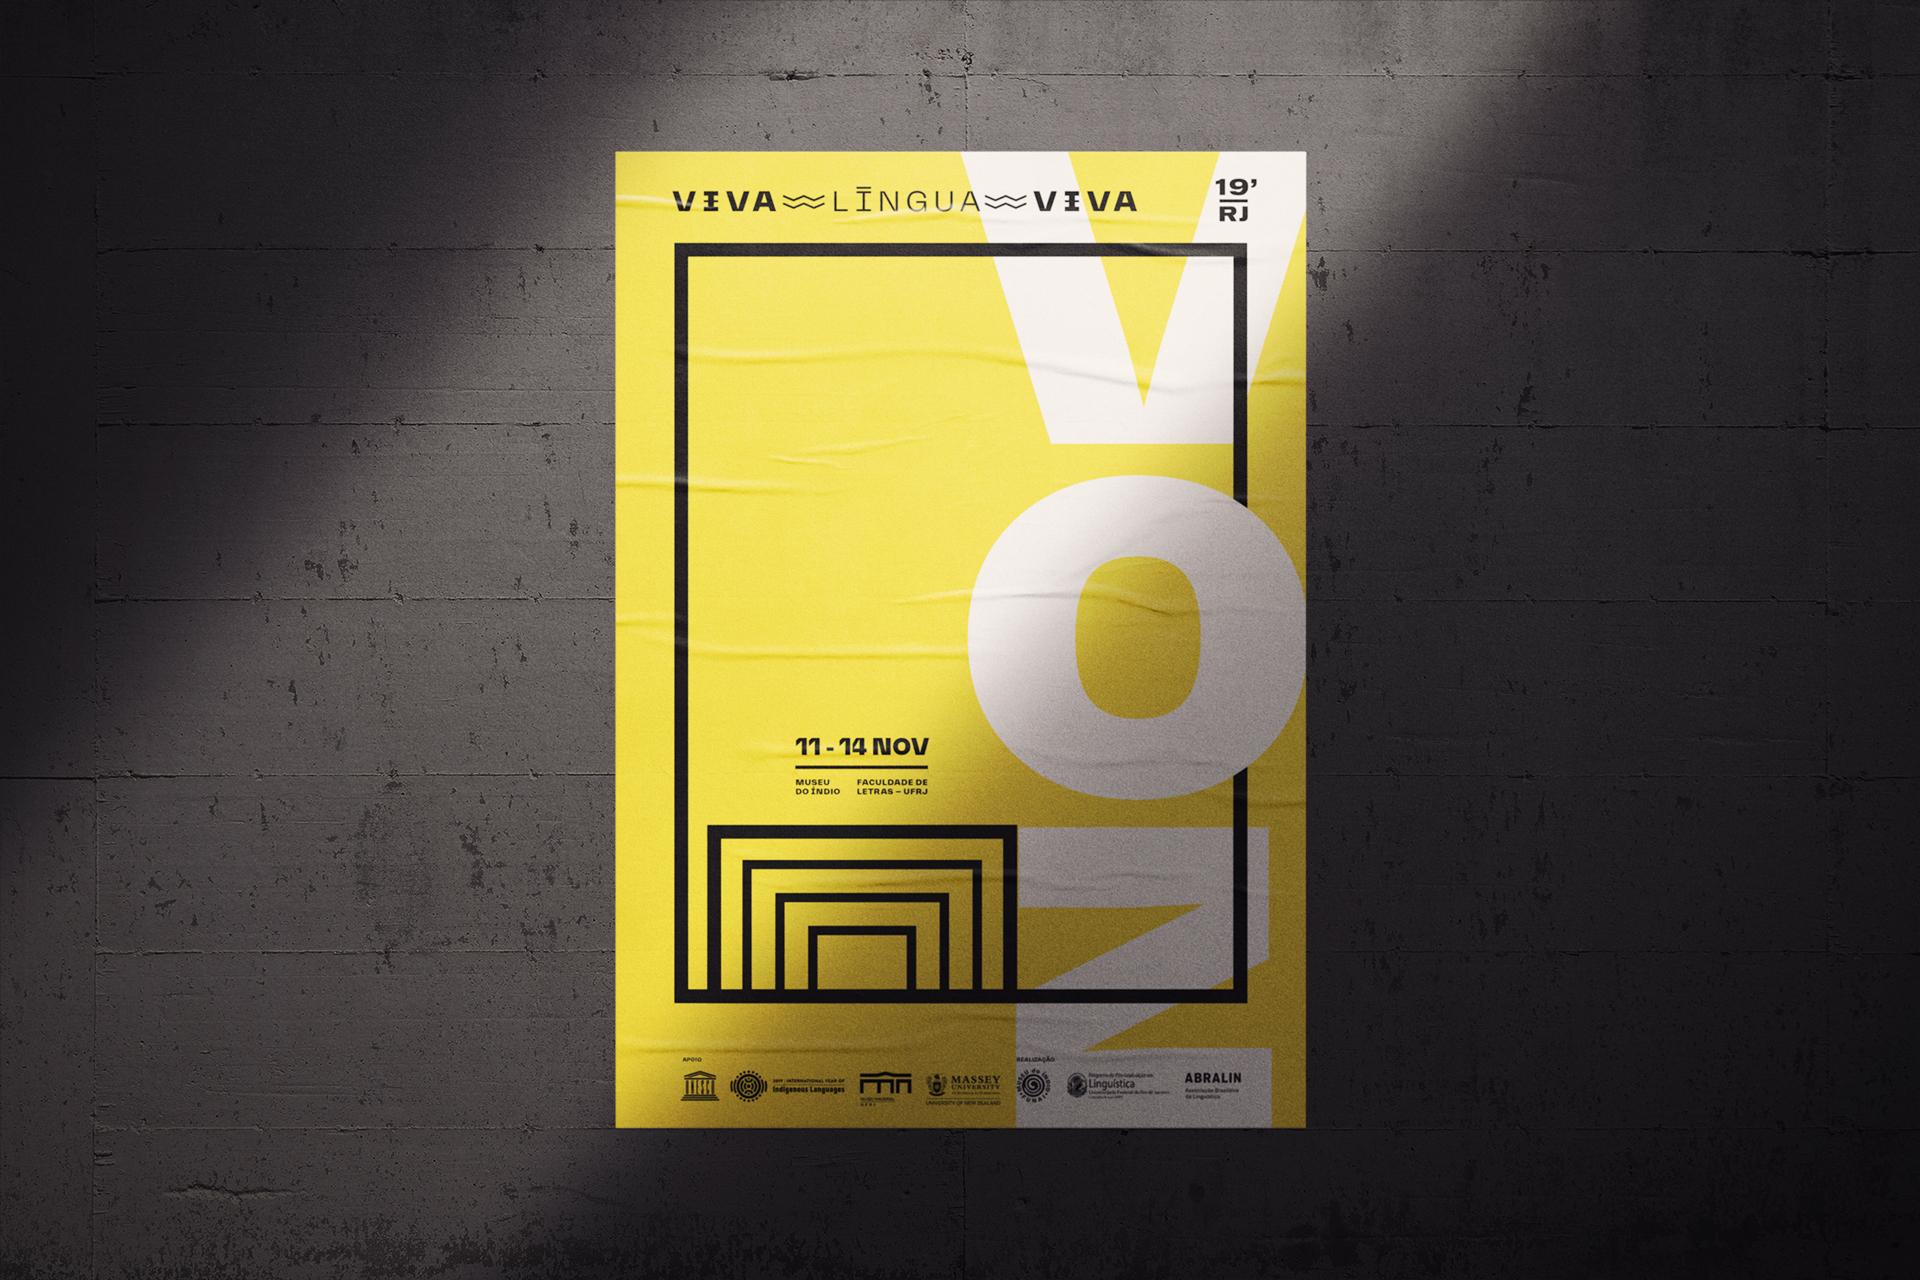 VLV-cartaz-02